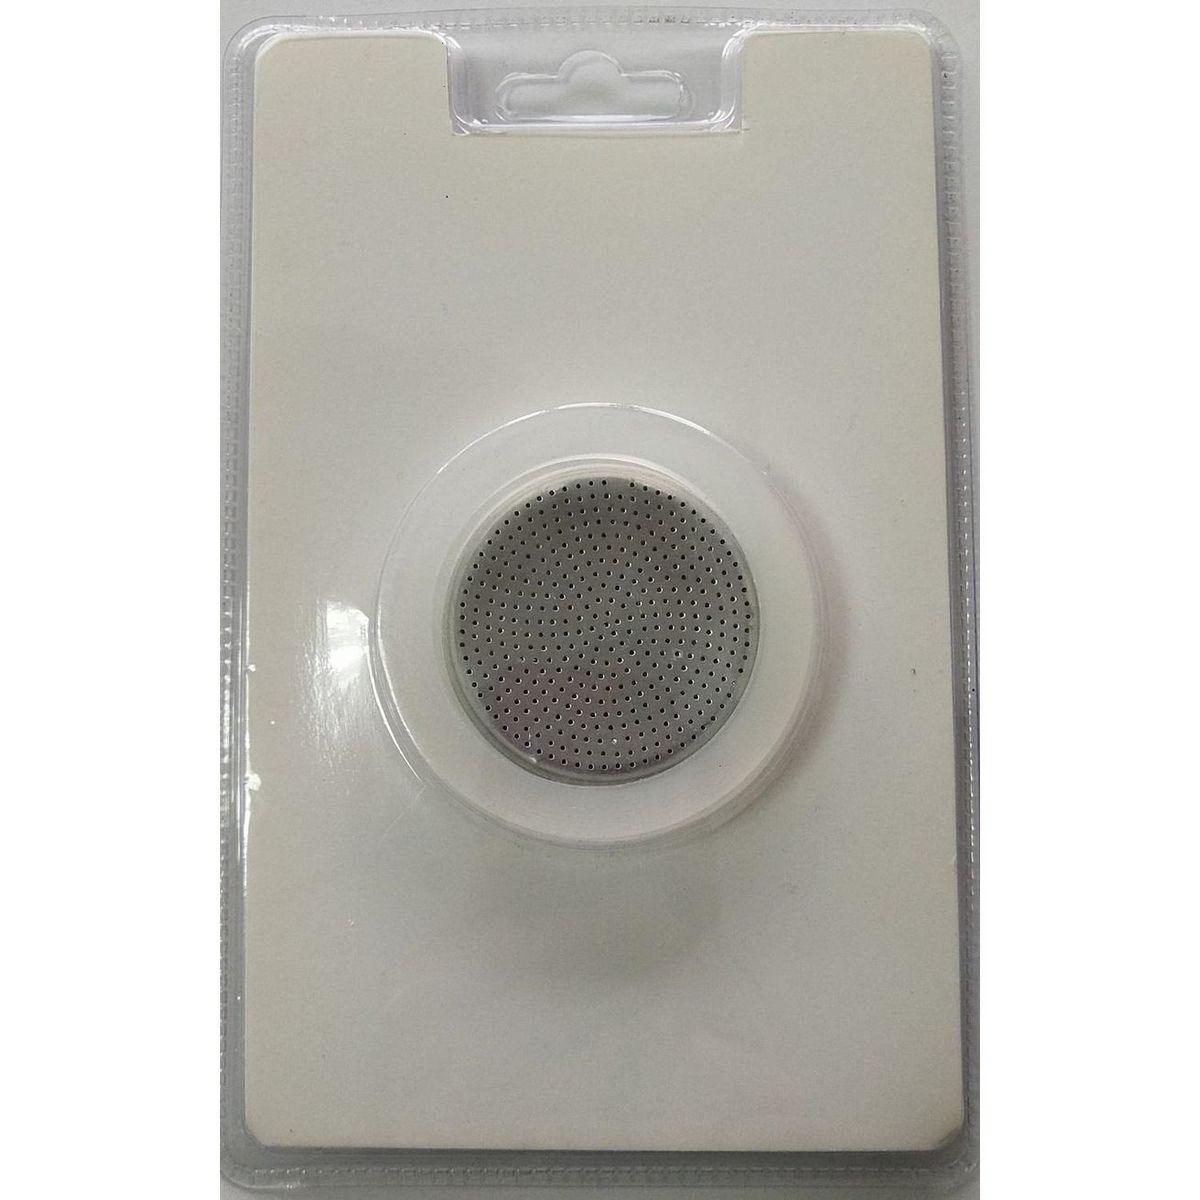 Joint + filtre pour cafetière 6 tasses - 136912